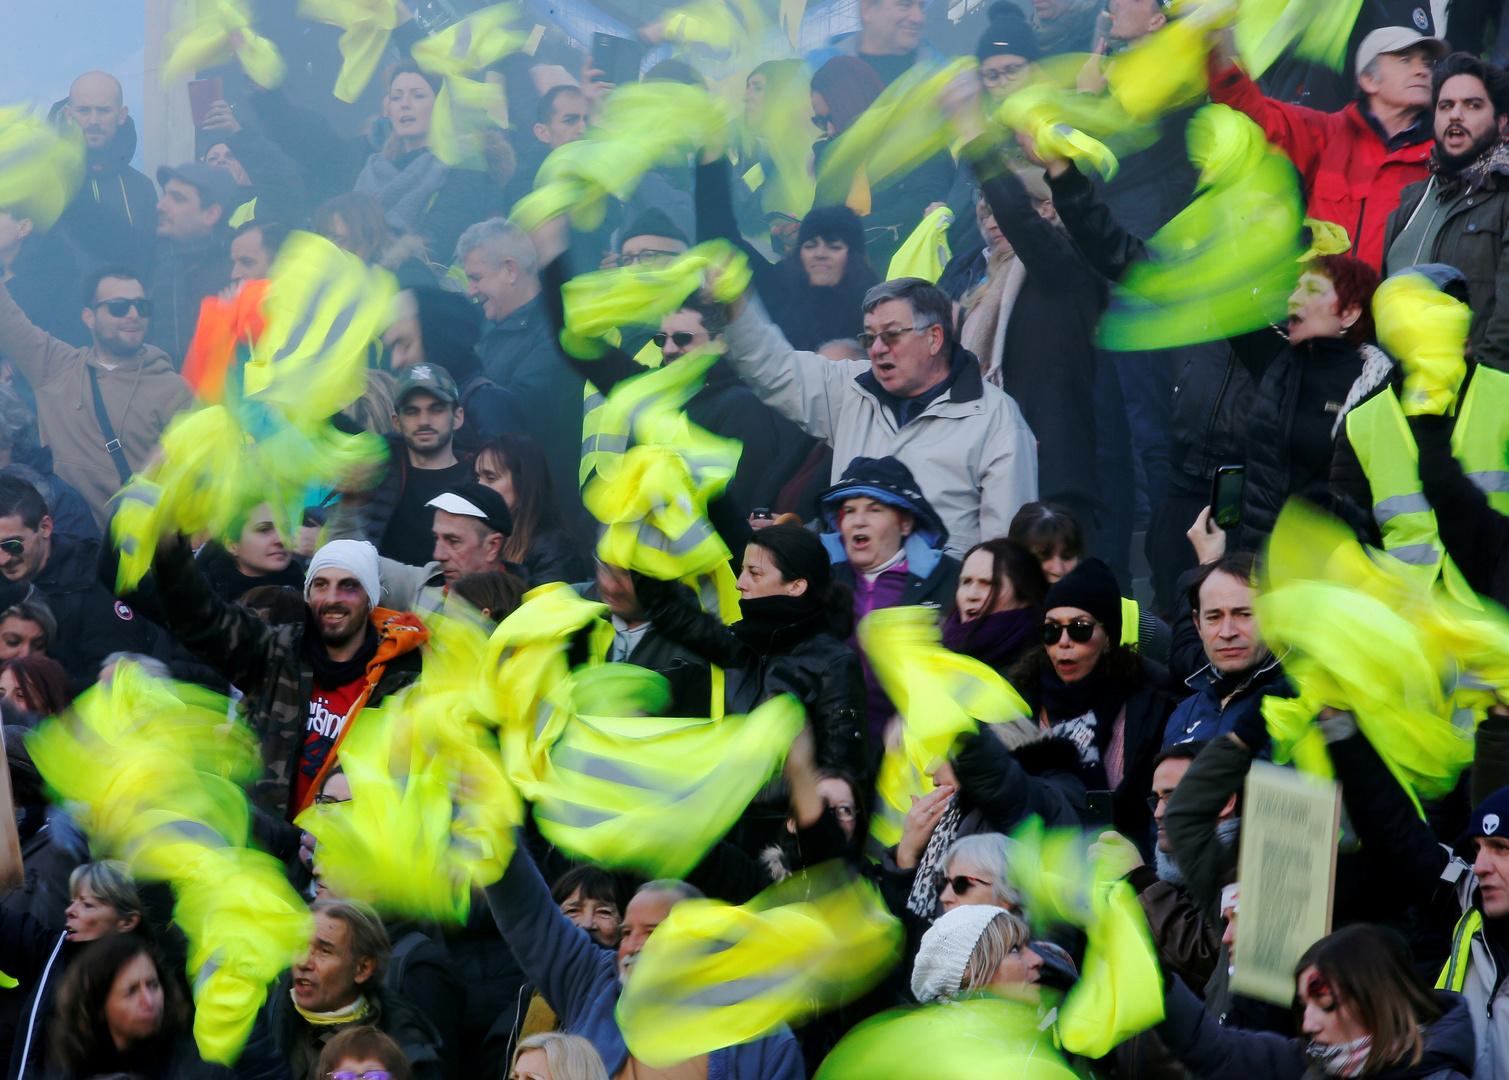 foto de Acte 53 : un premier anniversaire mouvementé pour les Gilets jaunes (EN CONTINU) RT en français